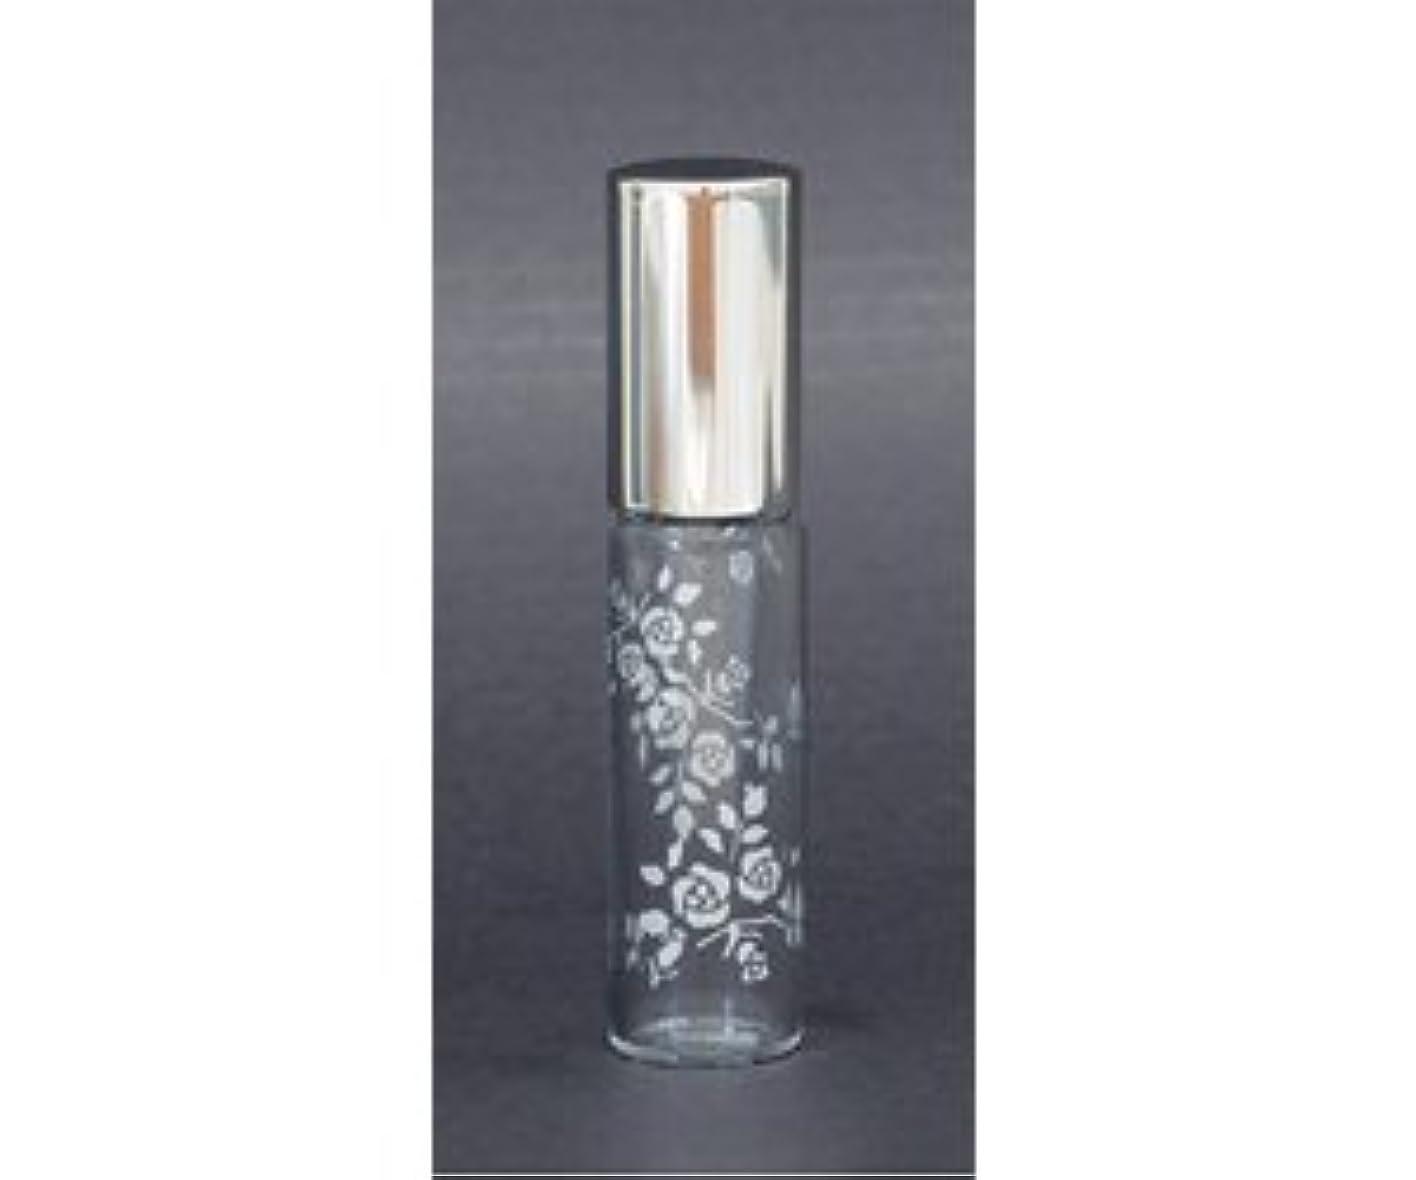 部族違反する警告ヤマダアトマイザー コロプチ パフュームローラー 香水 携帯用 詰め換え用付属品入り 60714 アトマイザー